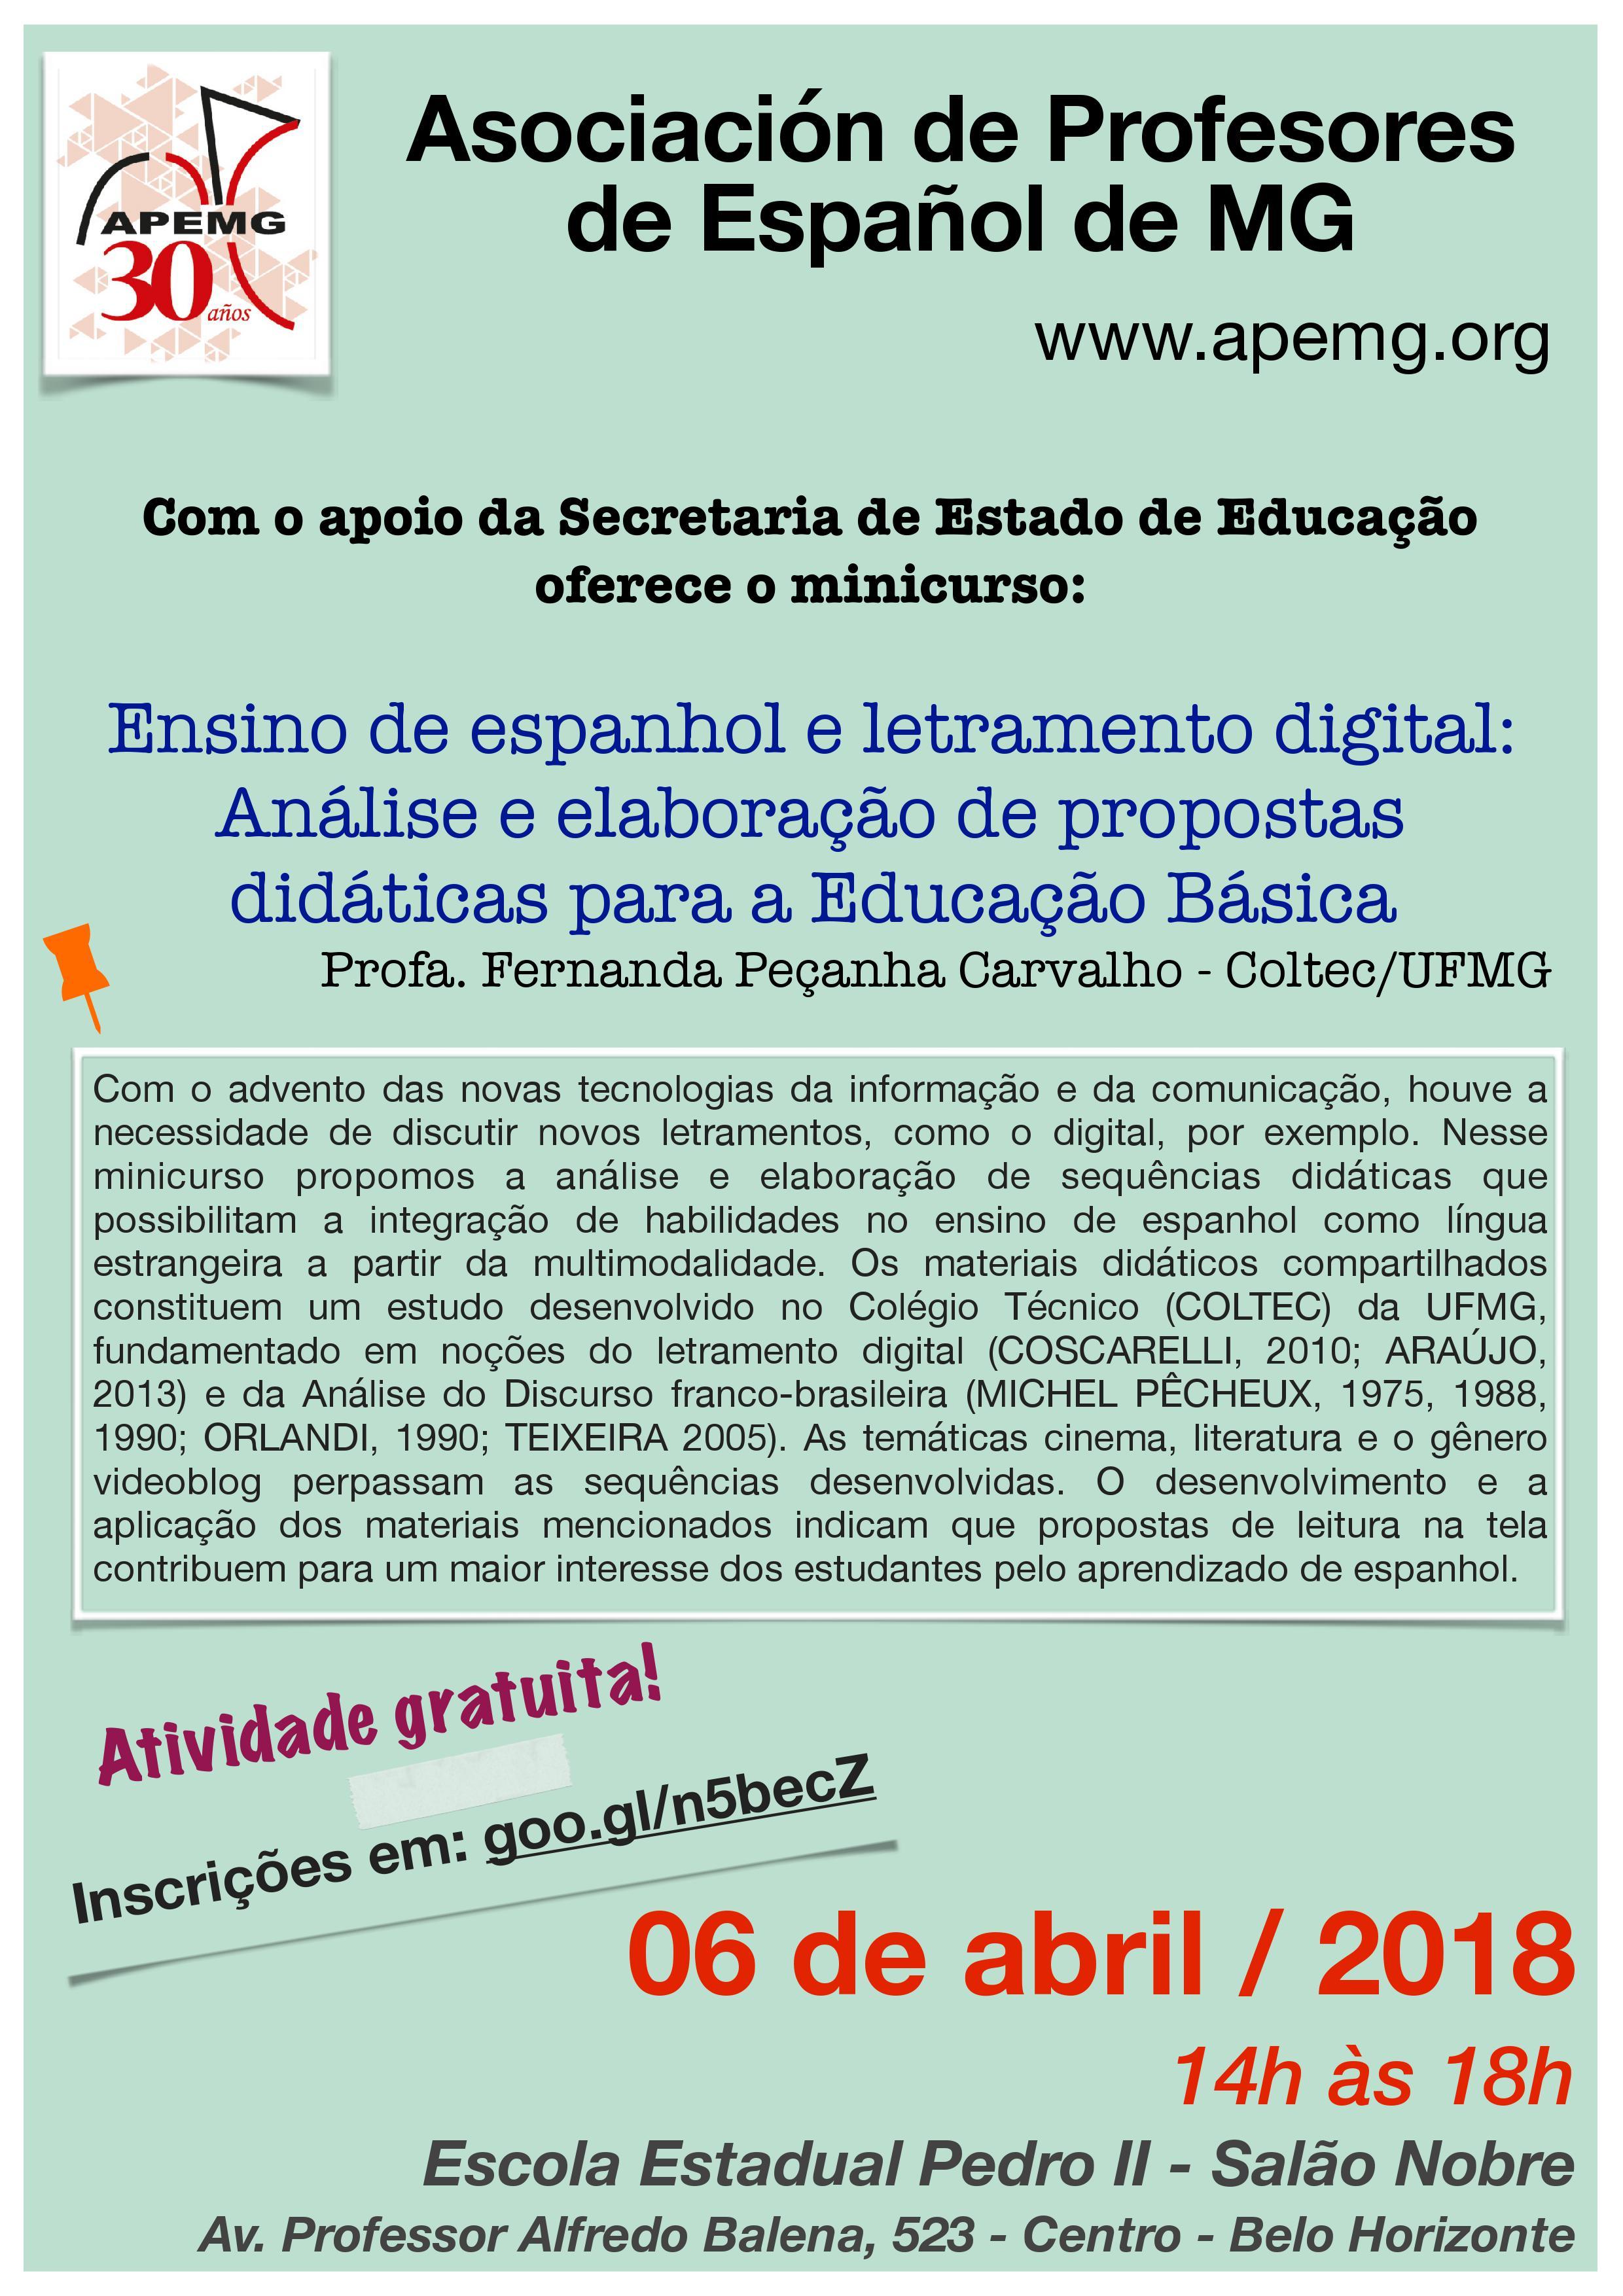 Minicurso Ensino de espanhol e letramento digital